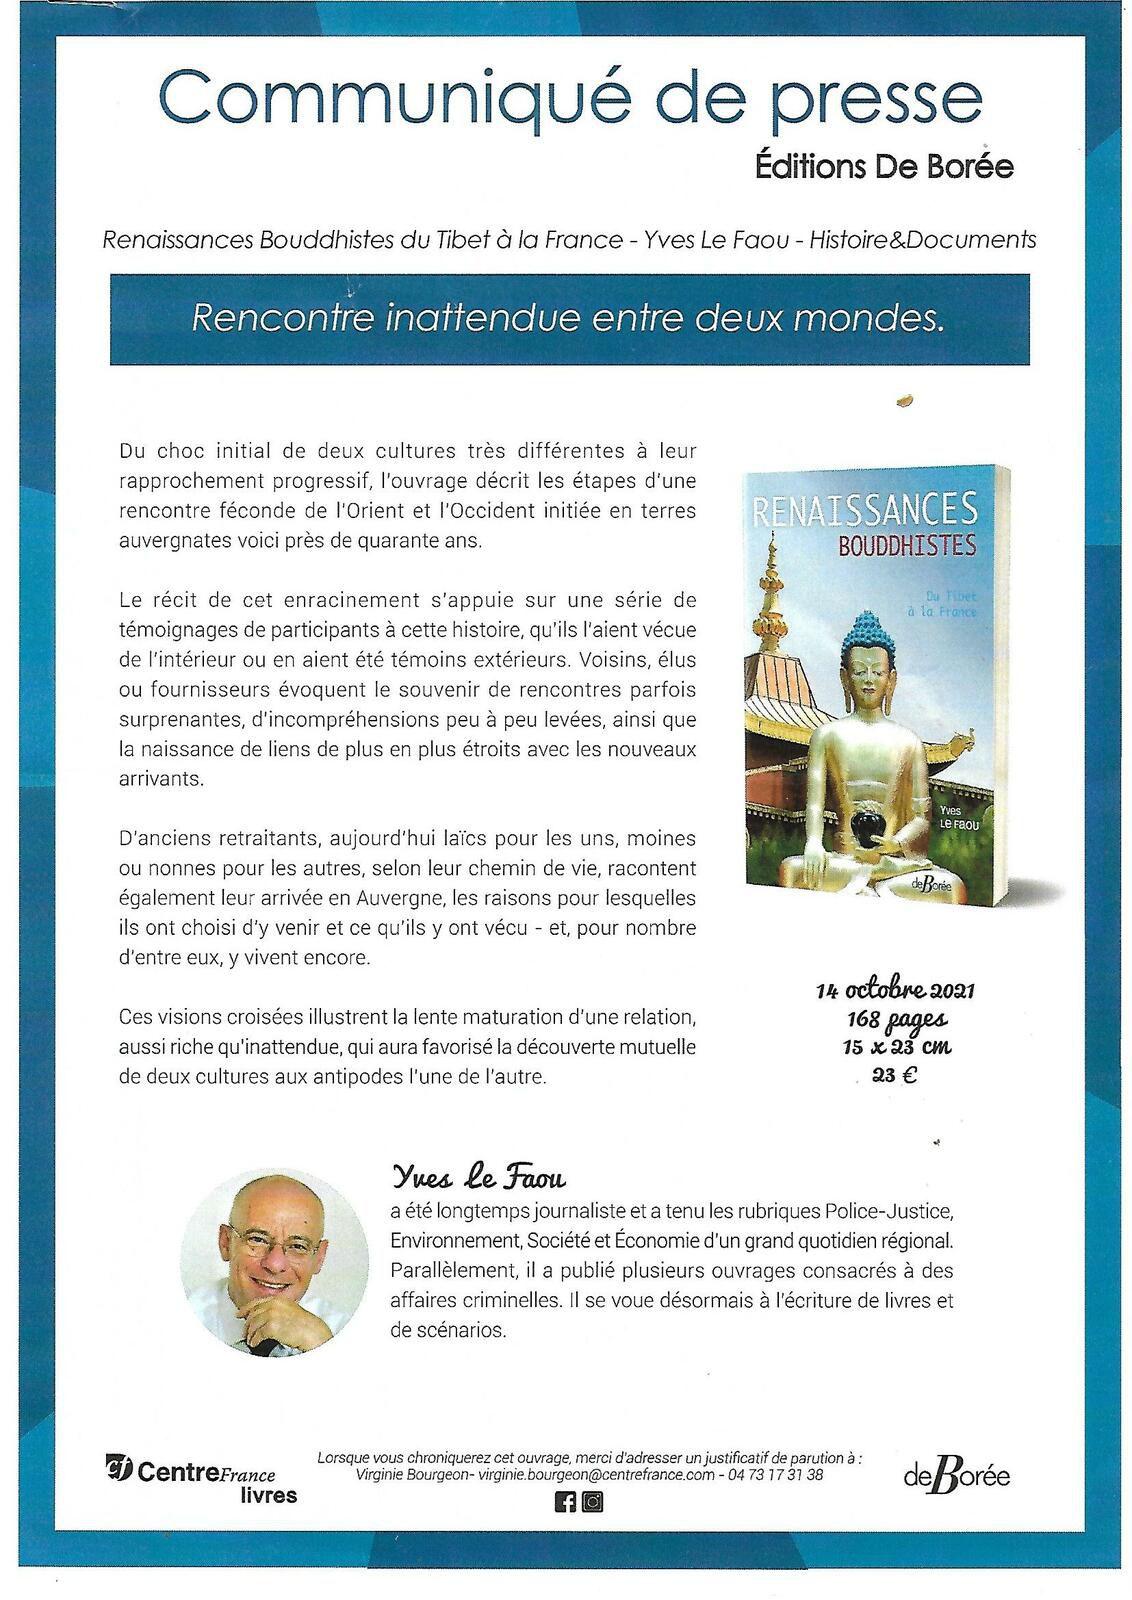 Yves Le Faou :  Renaissances Bouddhistes